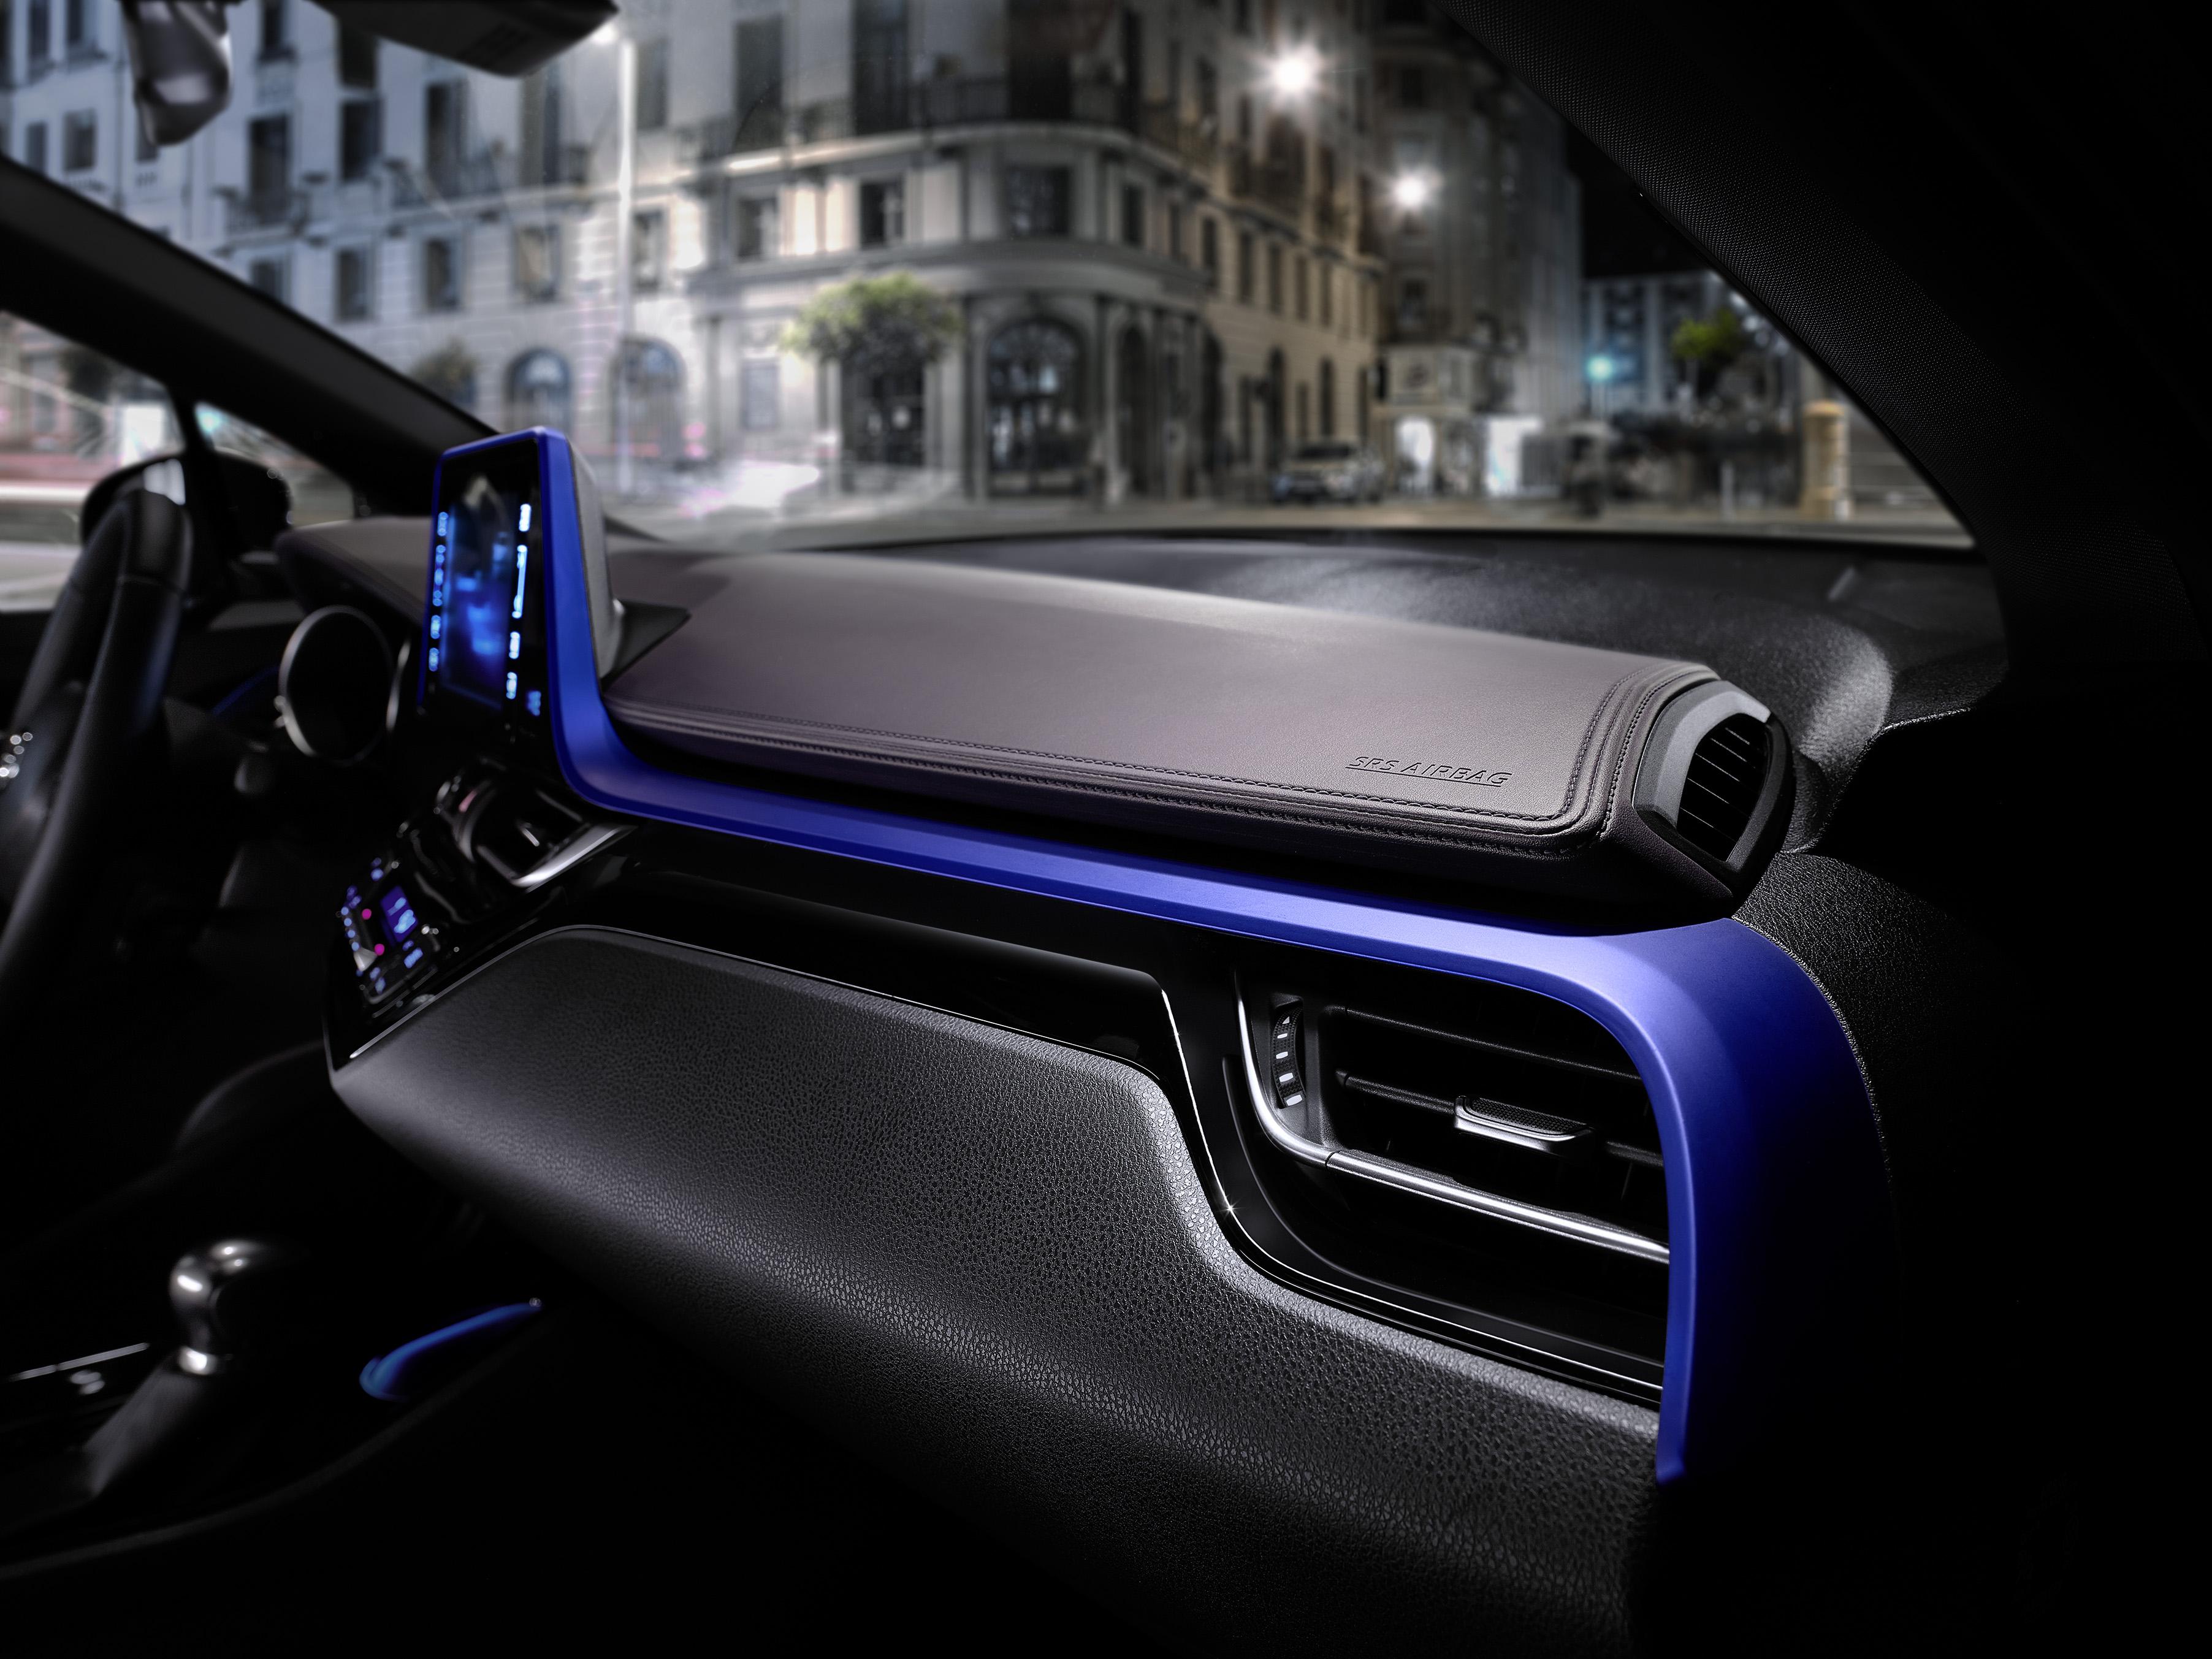 Toyota C-HR intérieur détail bleu